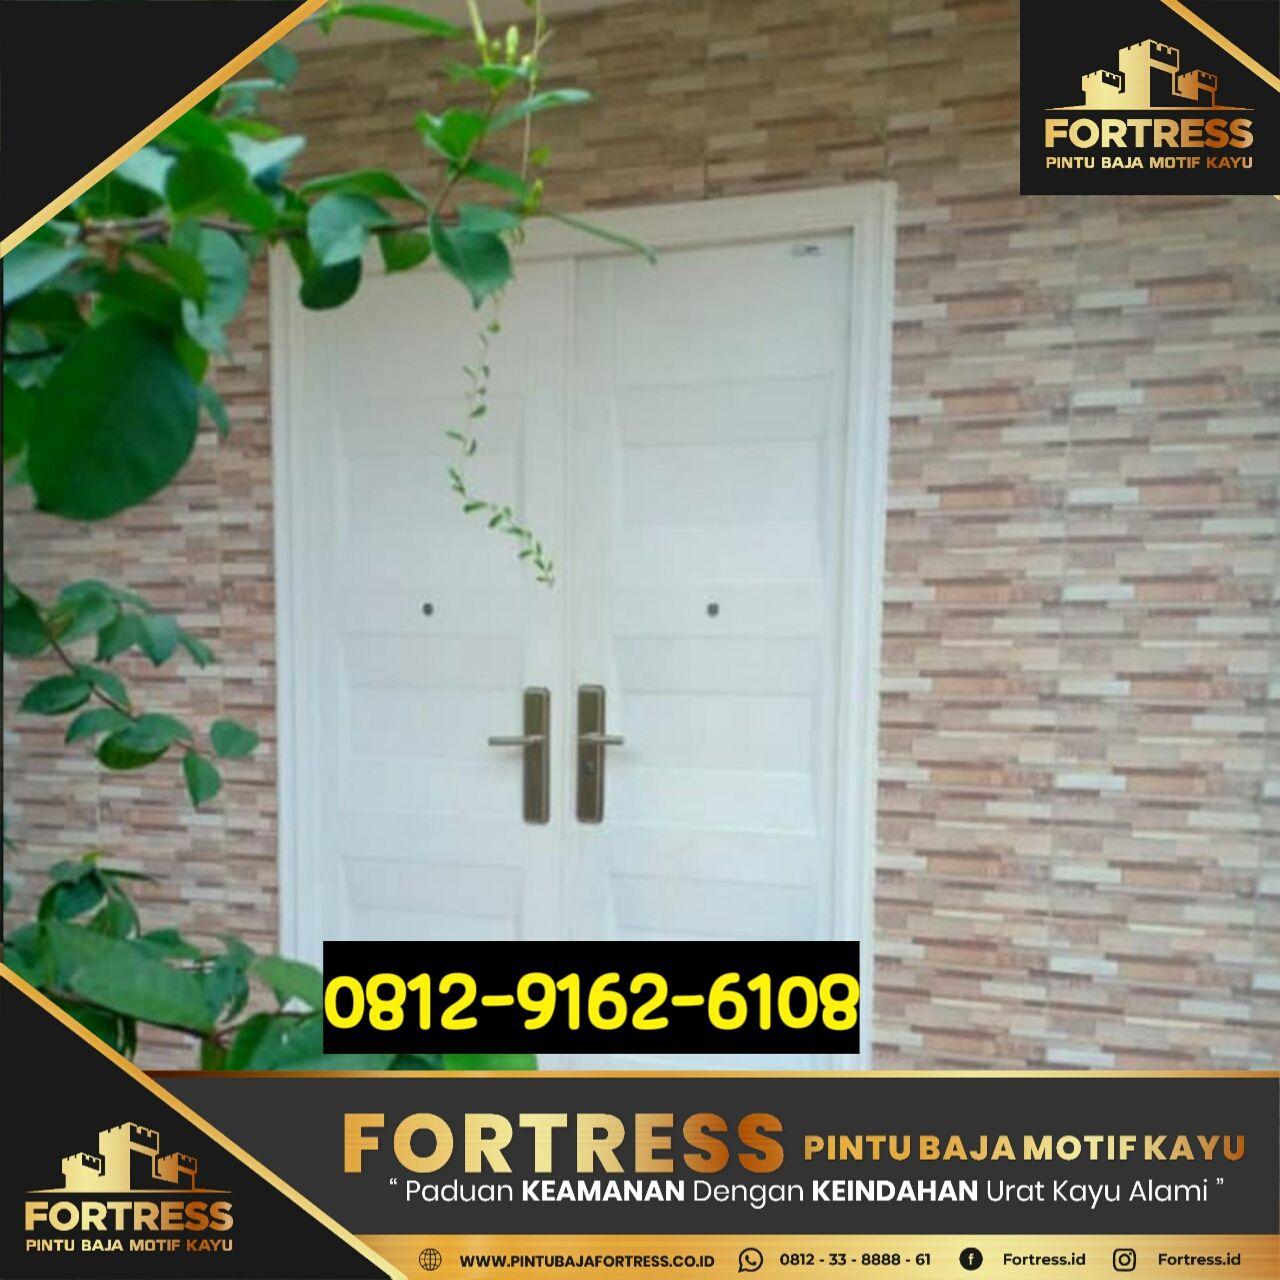 murah mana baja ringan atau kayu pin oleh pintu fortress di 0812 9162 6105 fotress